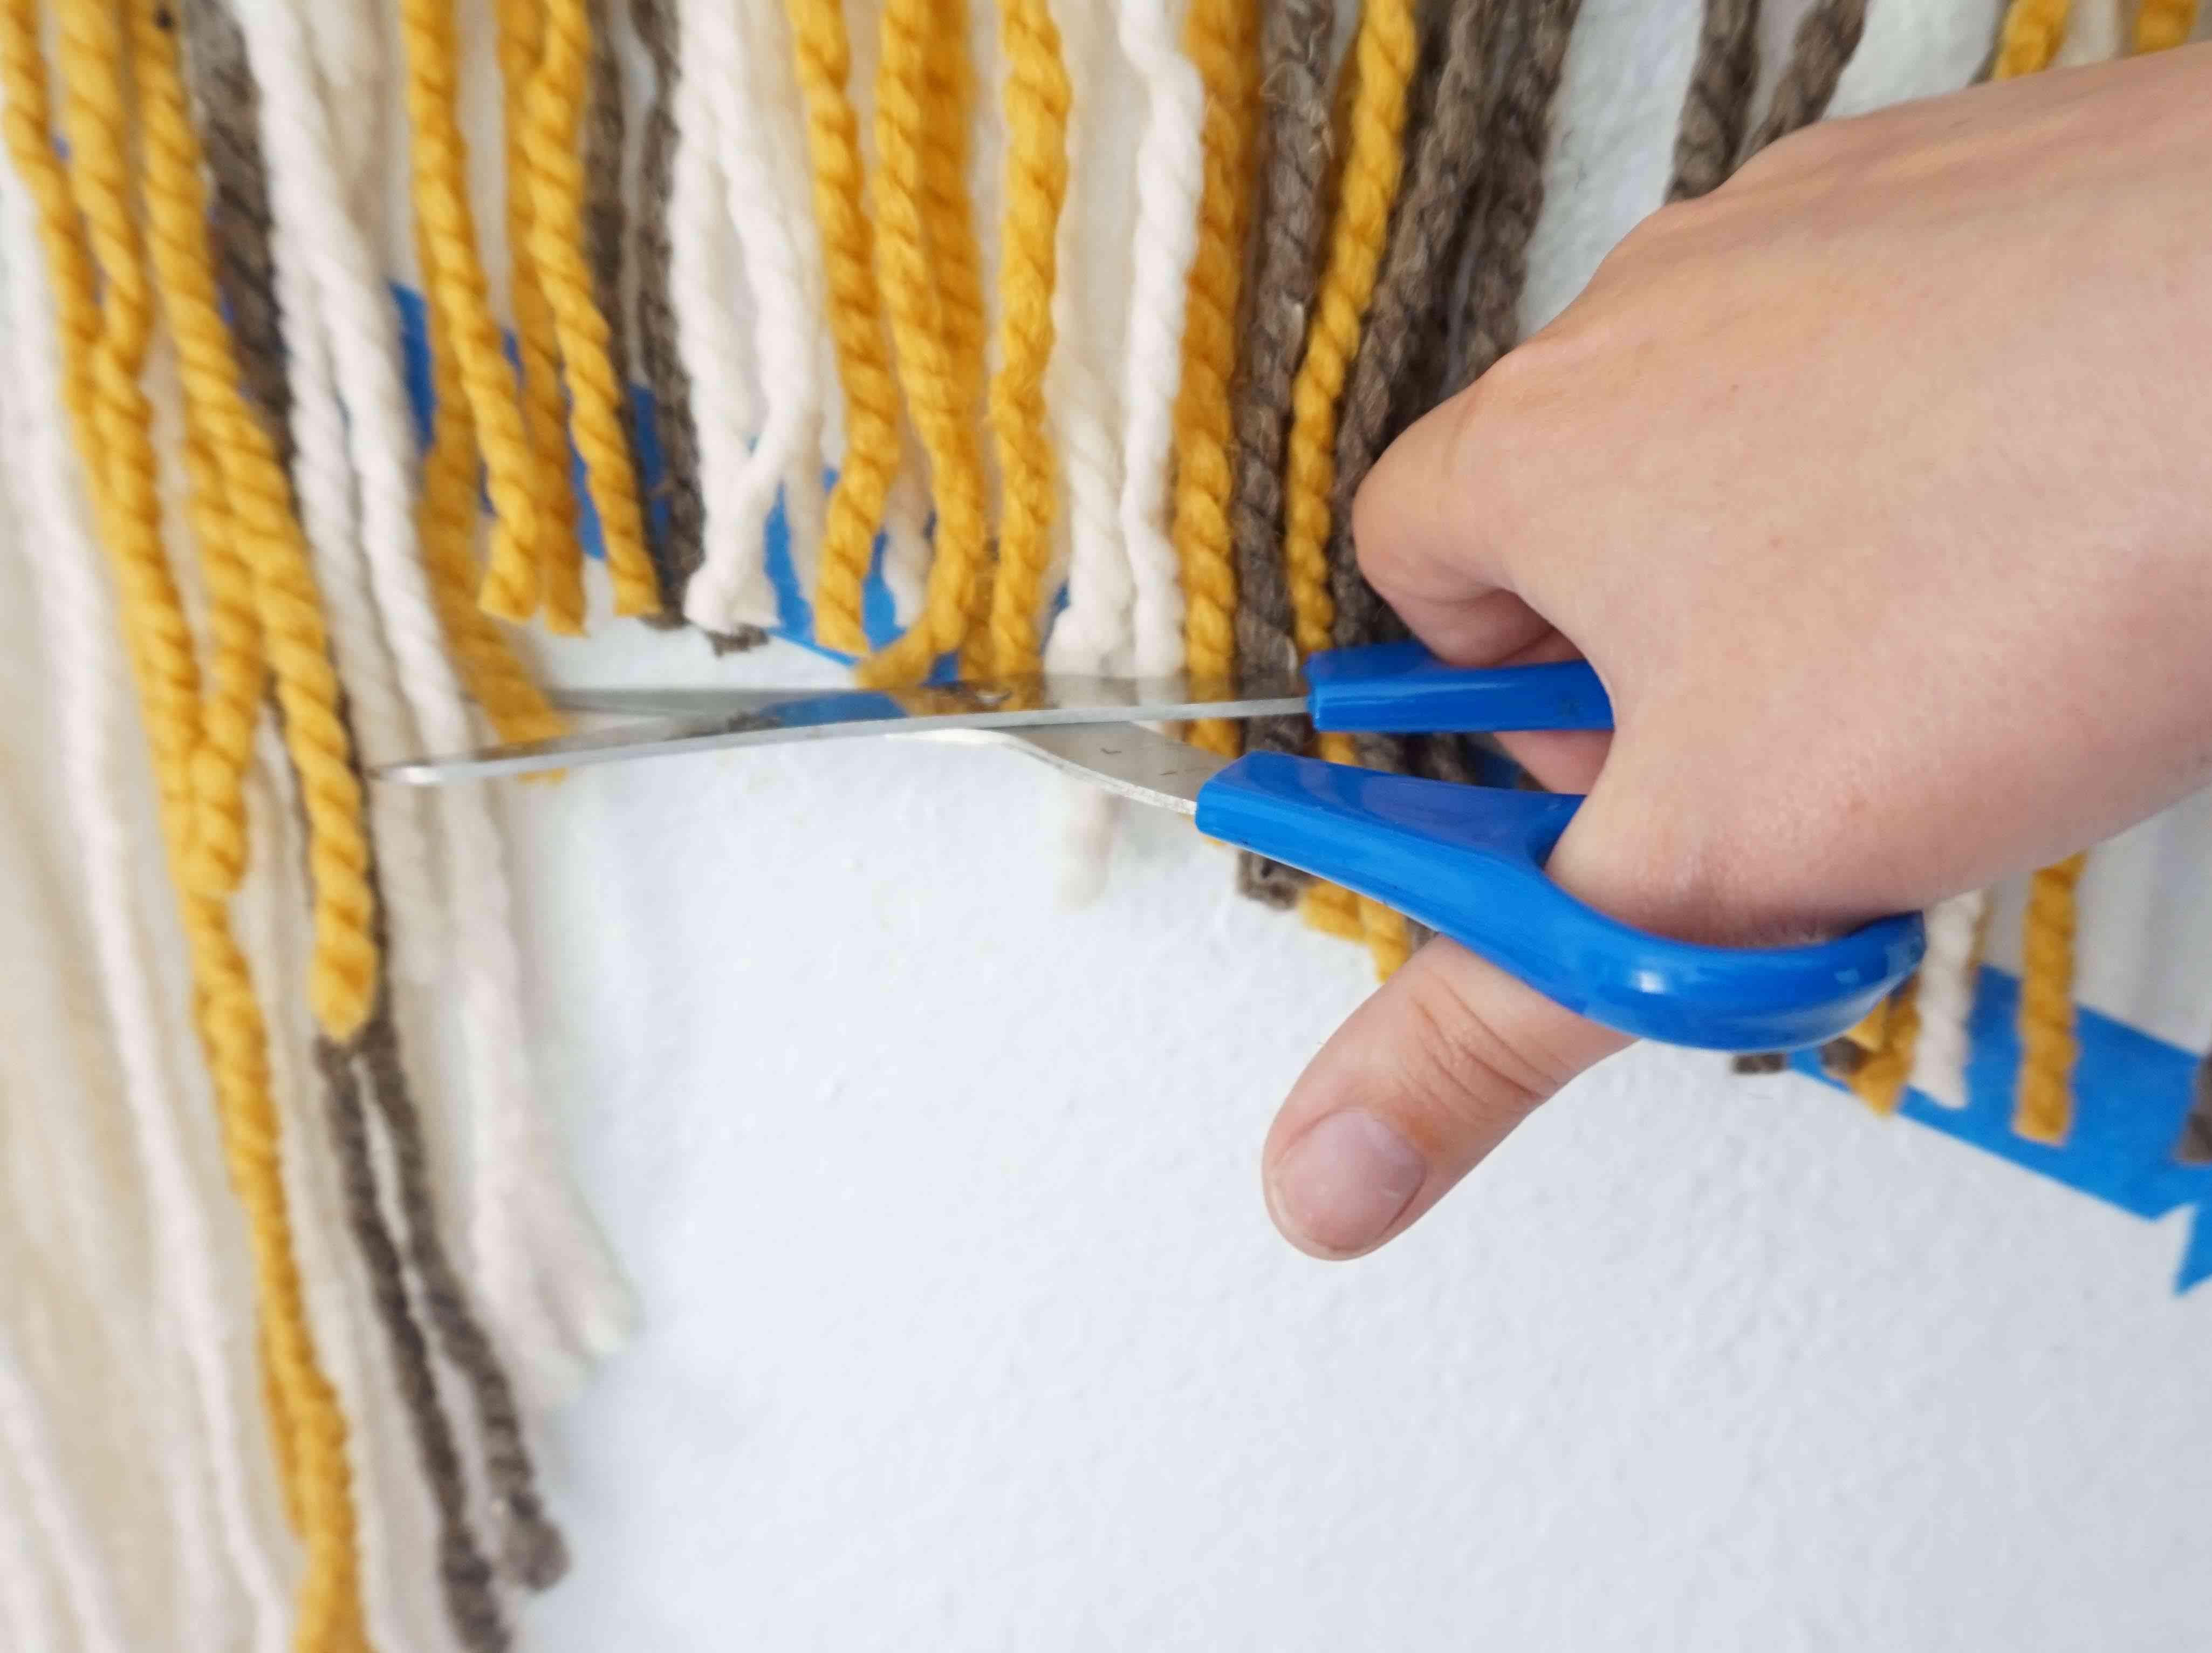 Cutting yarn in wall hanging.